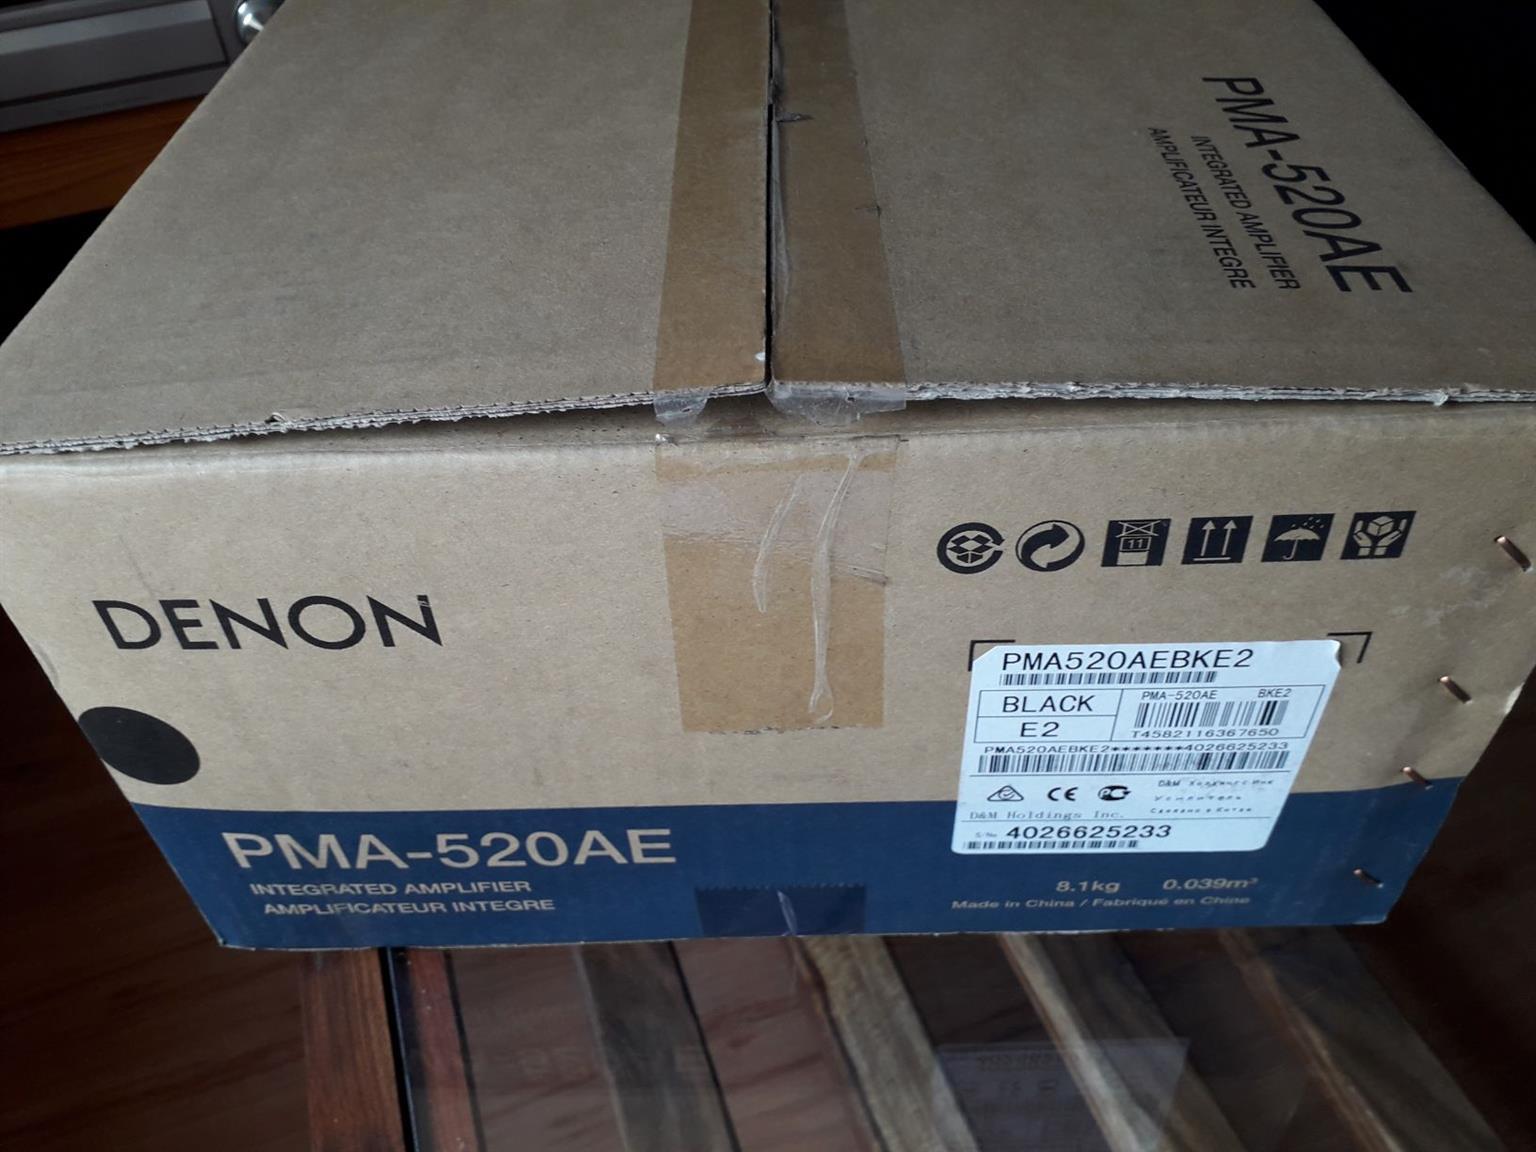 Denon PMA-520AE stereo amplifier